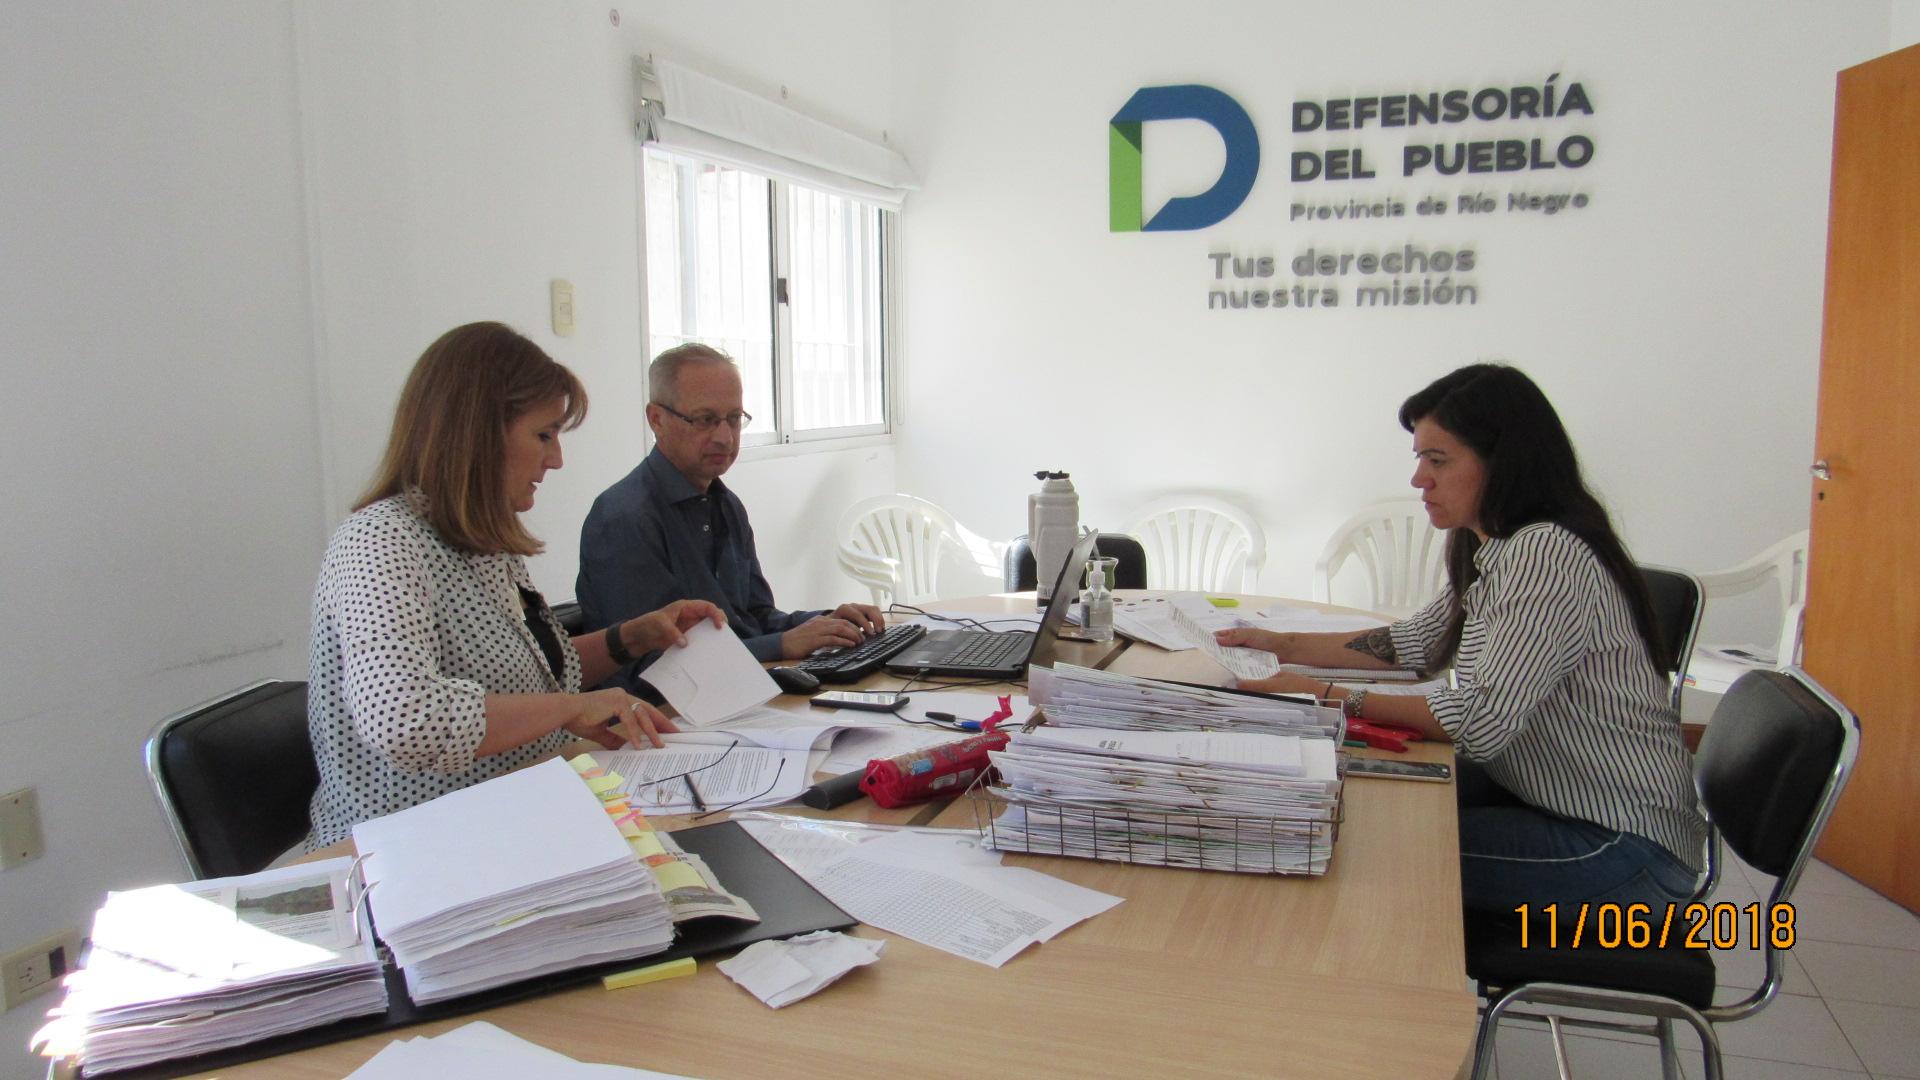 Santagati y su equipo trabajan en la realización del Informe Anual sobre las acciones llevadas adelante por el organismo de control.